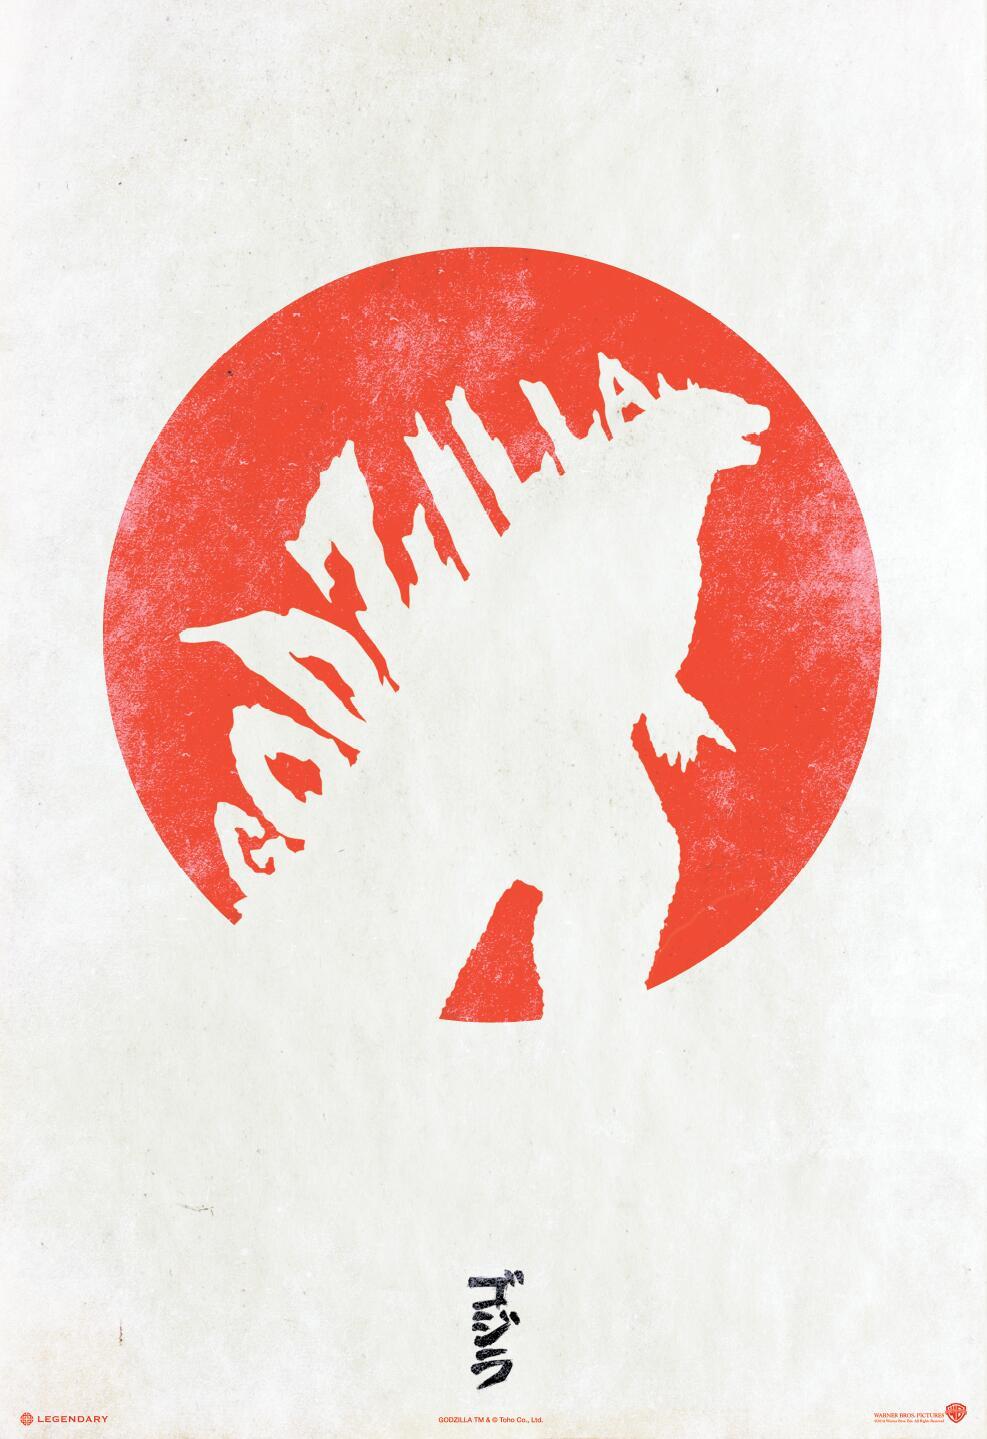 Japan iwantedwings godzilla japanese poster2 biocorpaavc